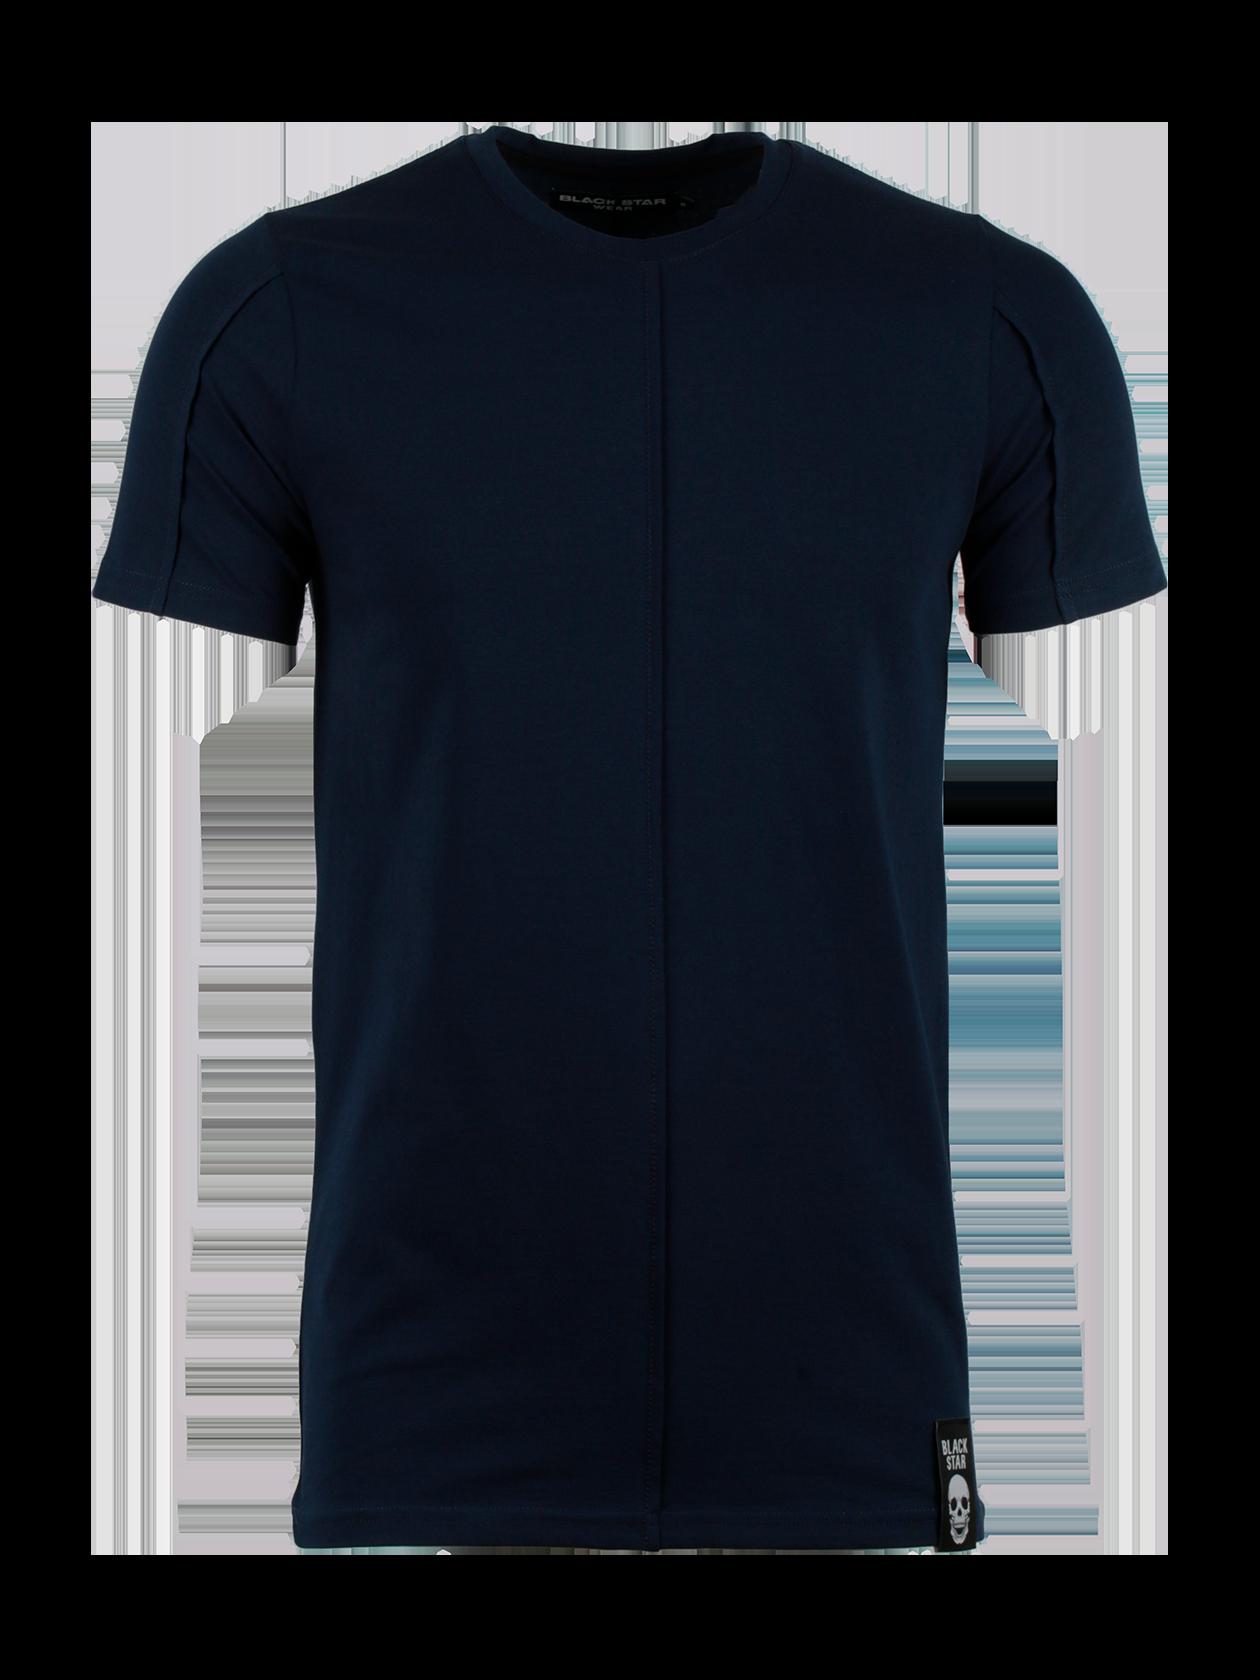 Футболка мужская STITCHФутболка мужская Stitch из линии Basic – идеальный выбор для создания стиля на каждый день. Удлиненная модель прямого полуприлегающего кроя с коротким рукавом. Округлая горловина с эластичной окантовкой содержит лейбл Black Star Wear на внутренней стороне. Изделие представлено в темно-синей однотонной расцветке. Дизайн дополнен декоративными швами «наизнанку» по центру переда и на рукавах. Внизу слева жаккардовая черная нашивка с названием бренда Black Star и принтом в виде черепа. Сшита из хлопка класса «люкс».<br><br>Размер: XS<br>Цвет: Синий<br>Пол: Мужской